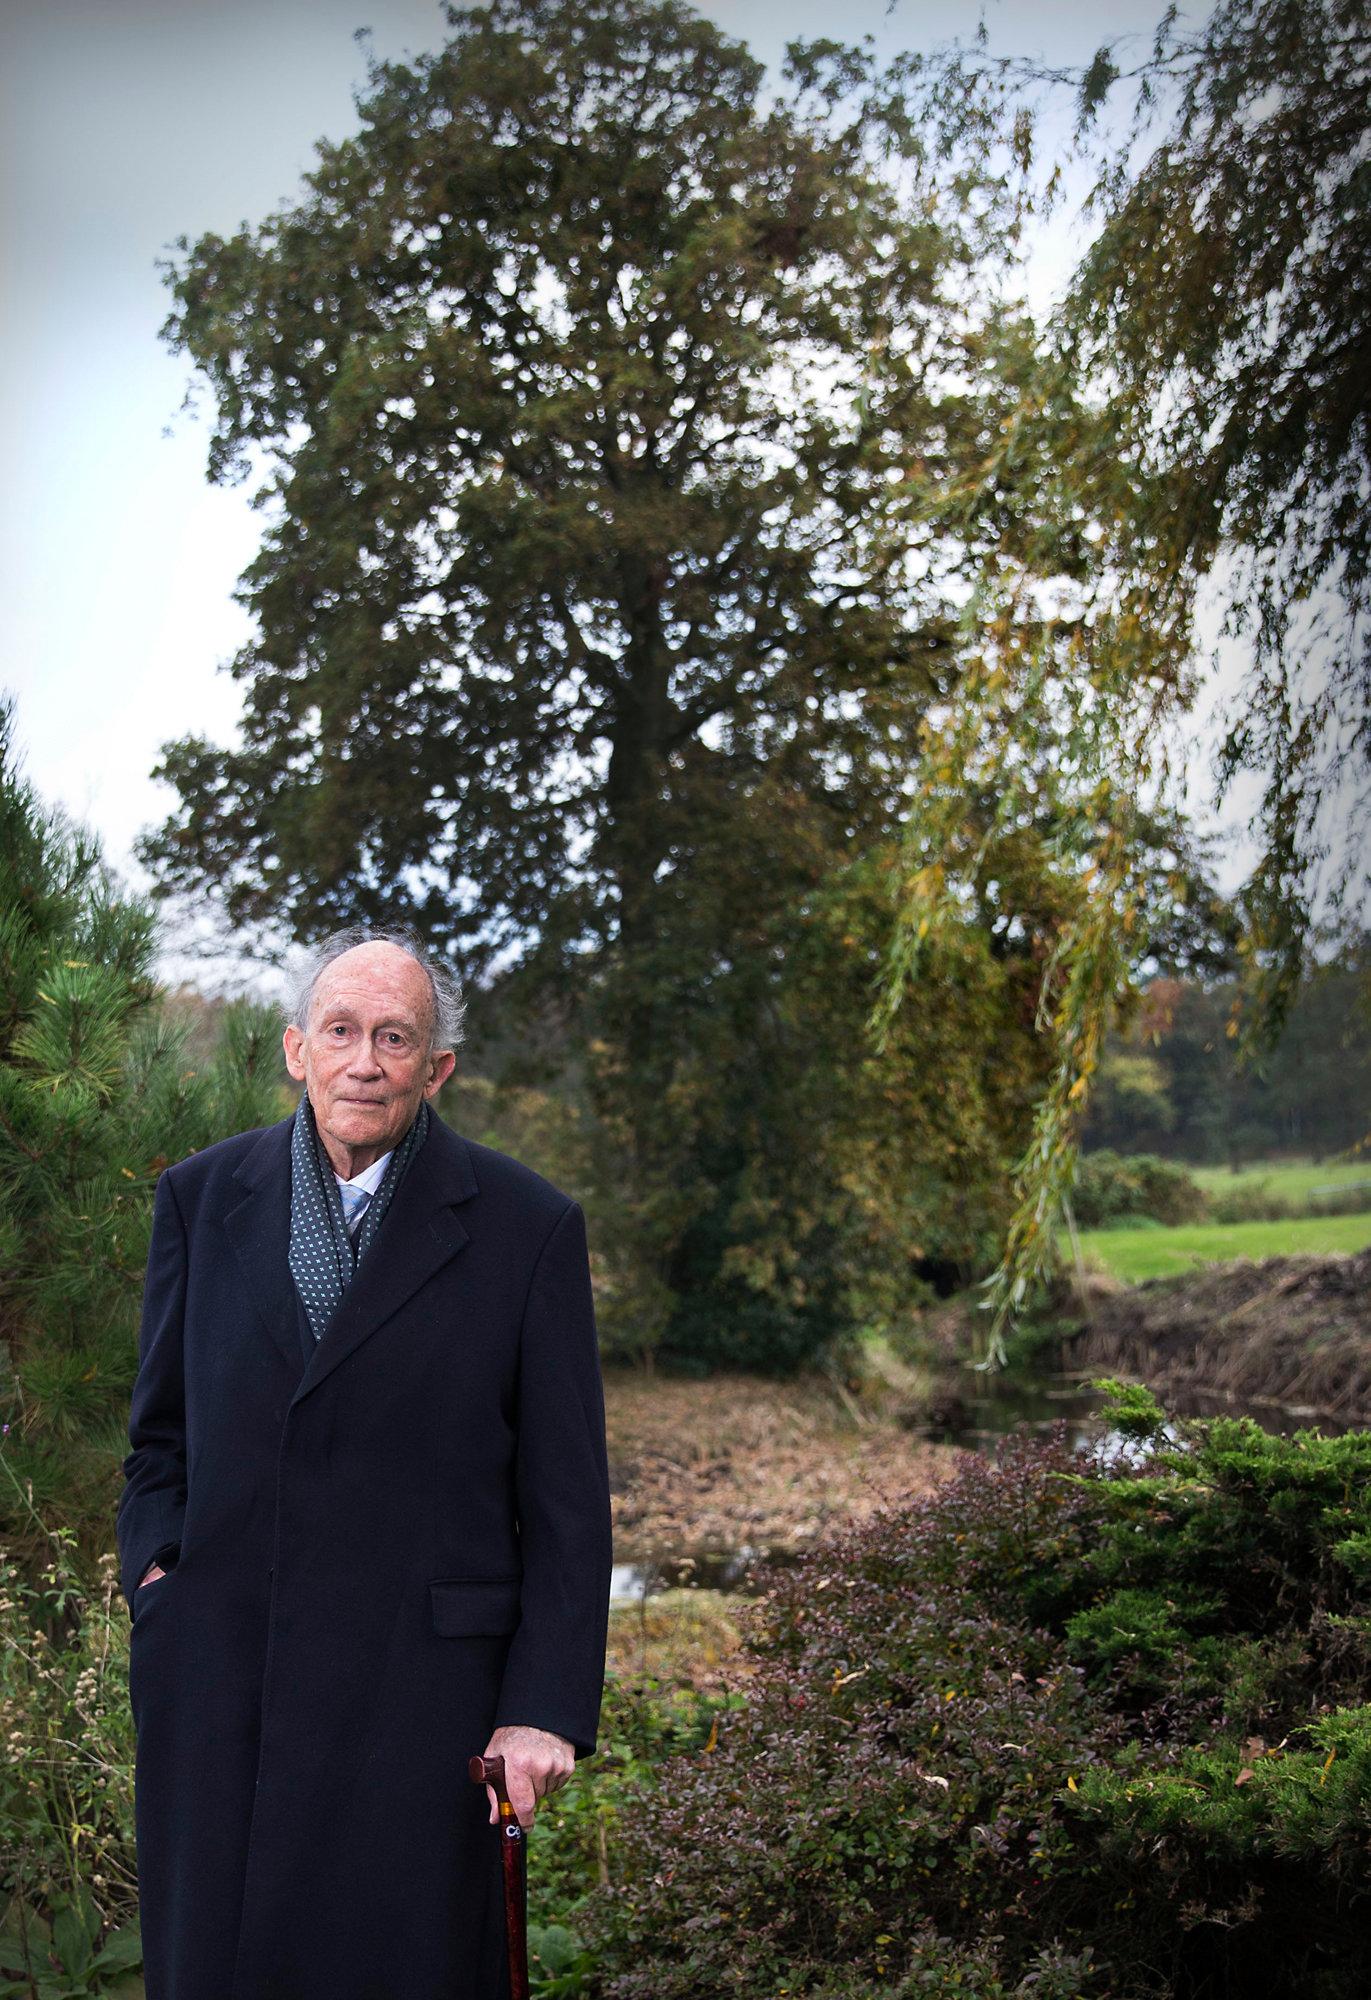 Oud minister Witteveen